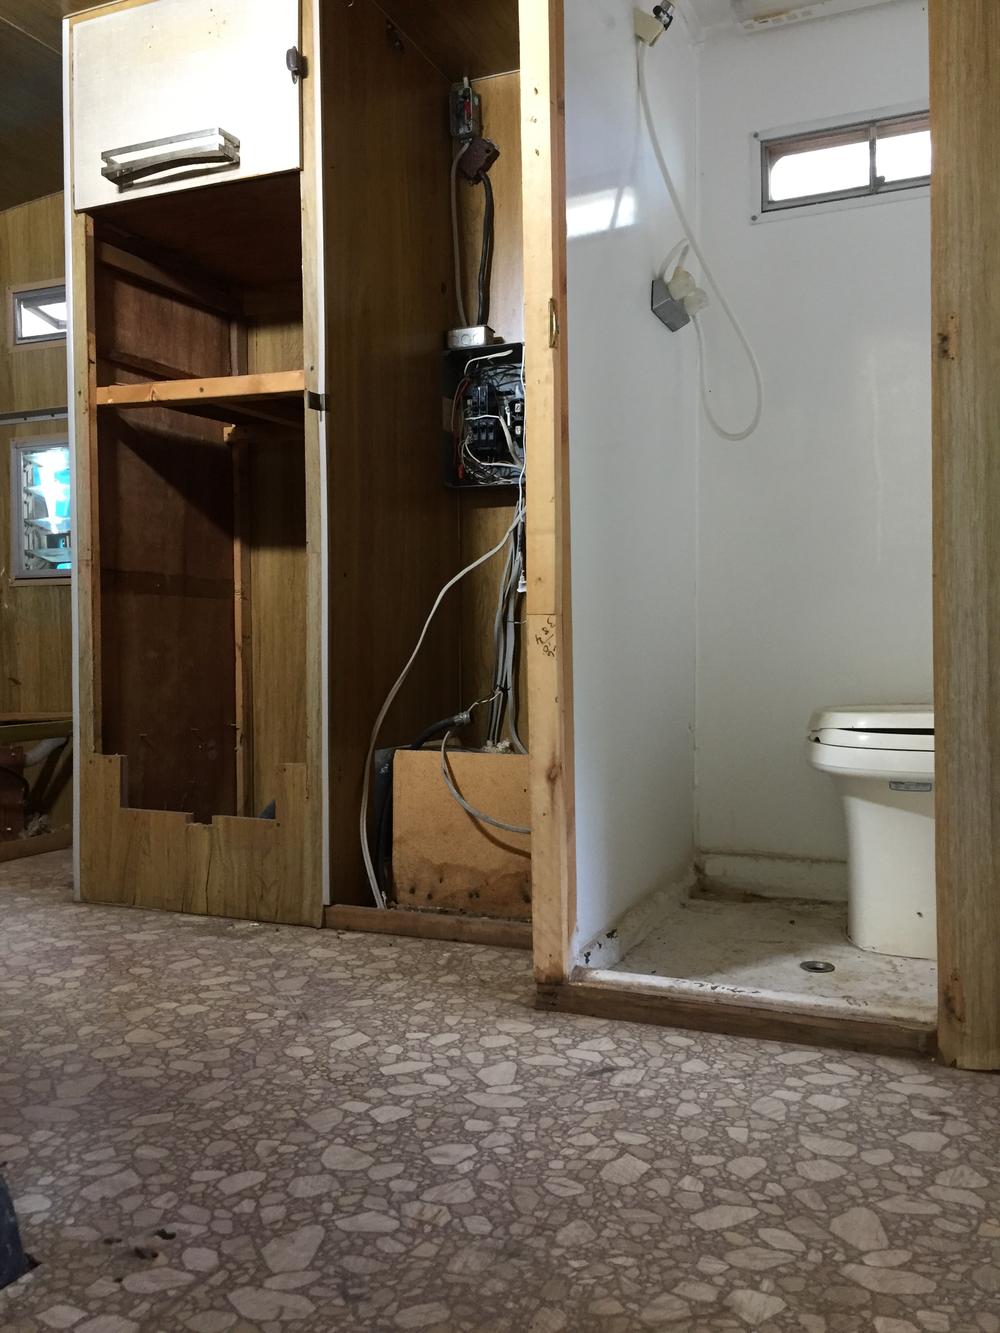 Mid-demo bathroom/storage closets